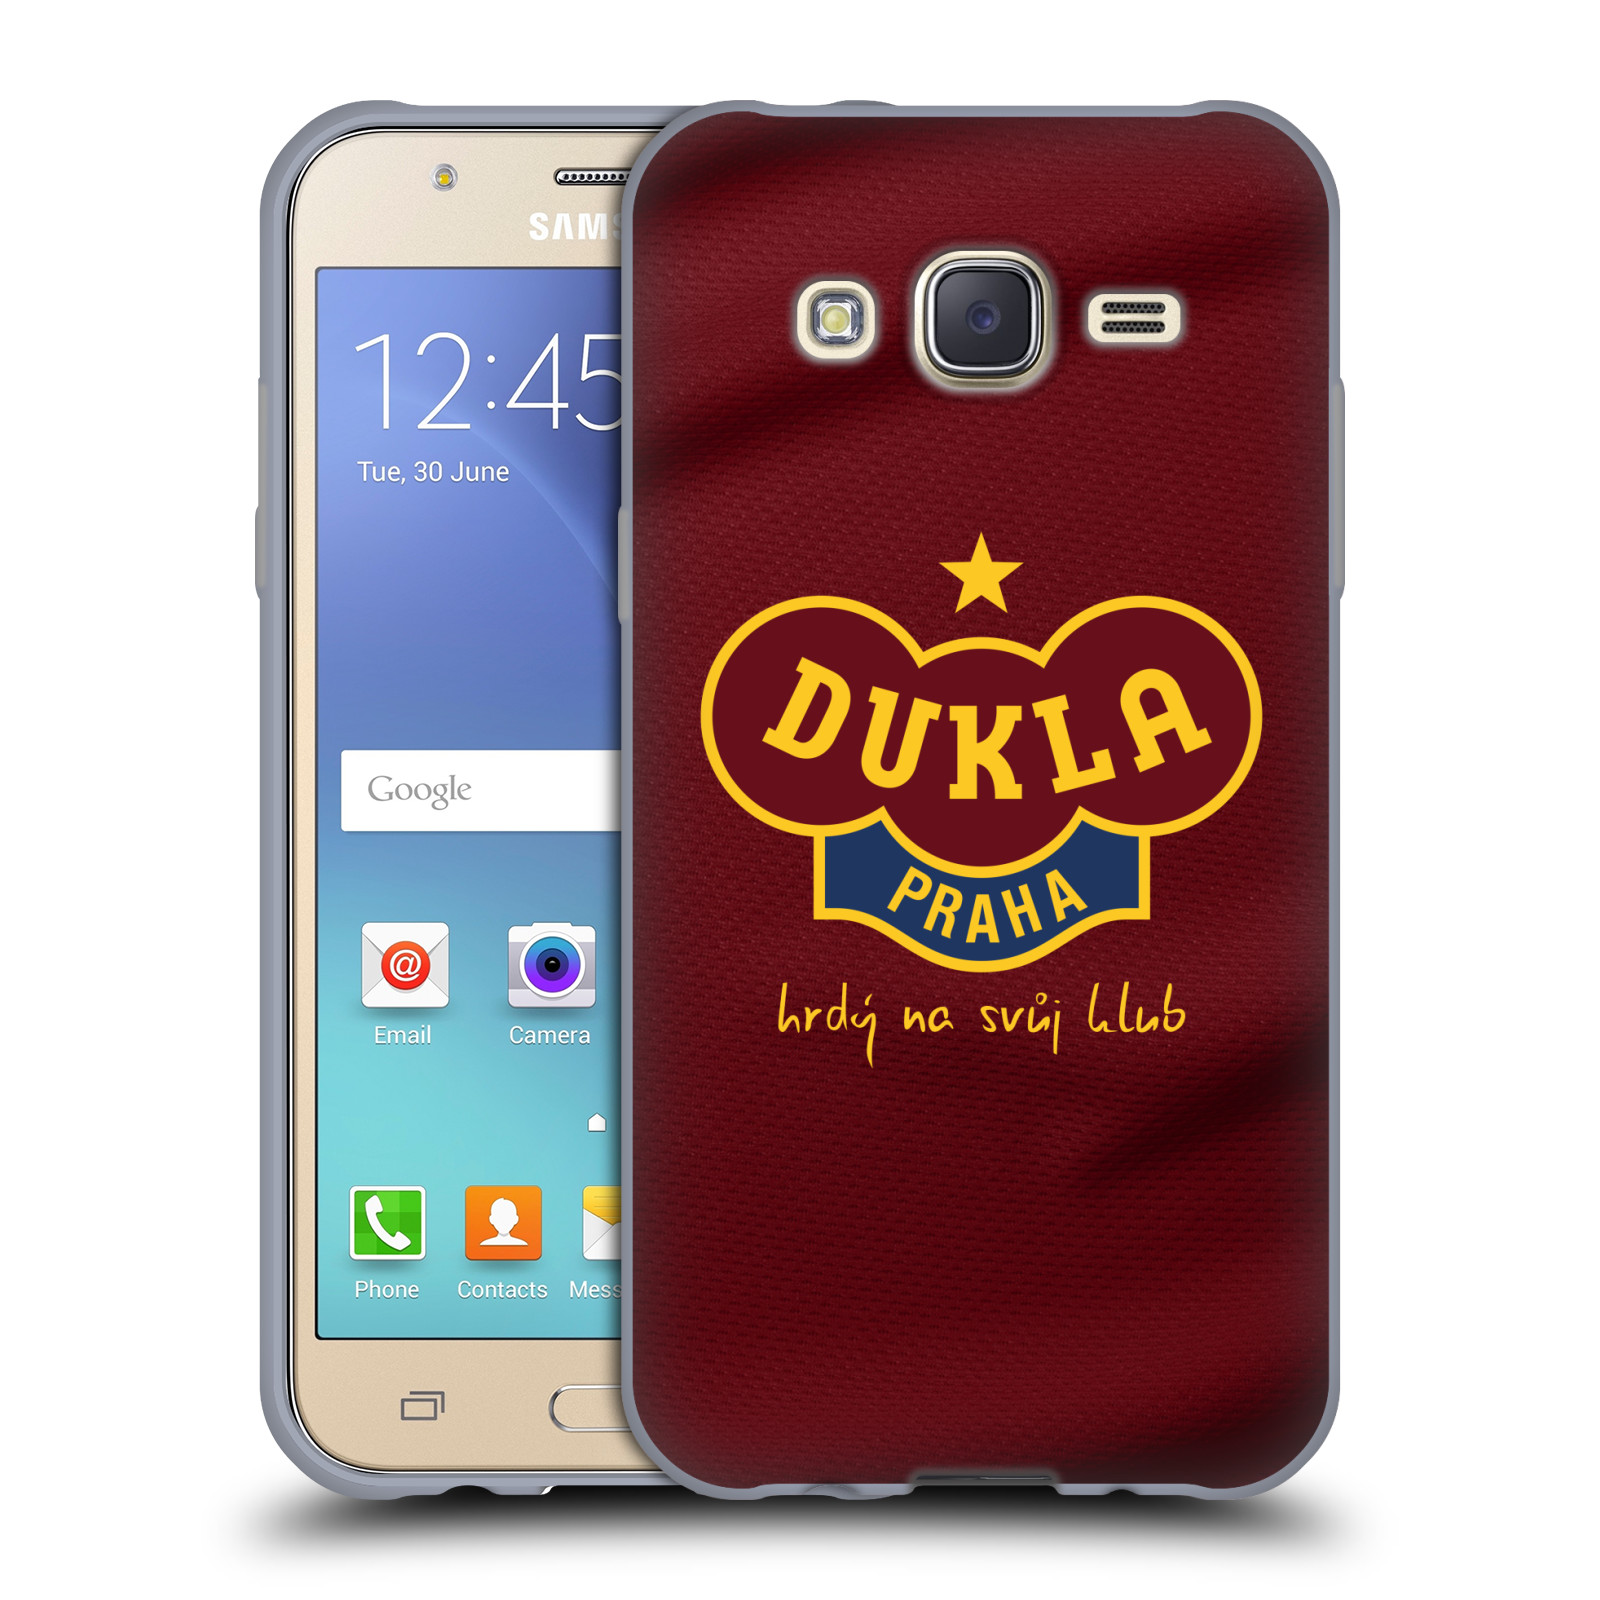 Silikonové pouzdro na mobil Samsung Galaxy J5 - FK Dukla Praha - Vínově červený dres